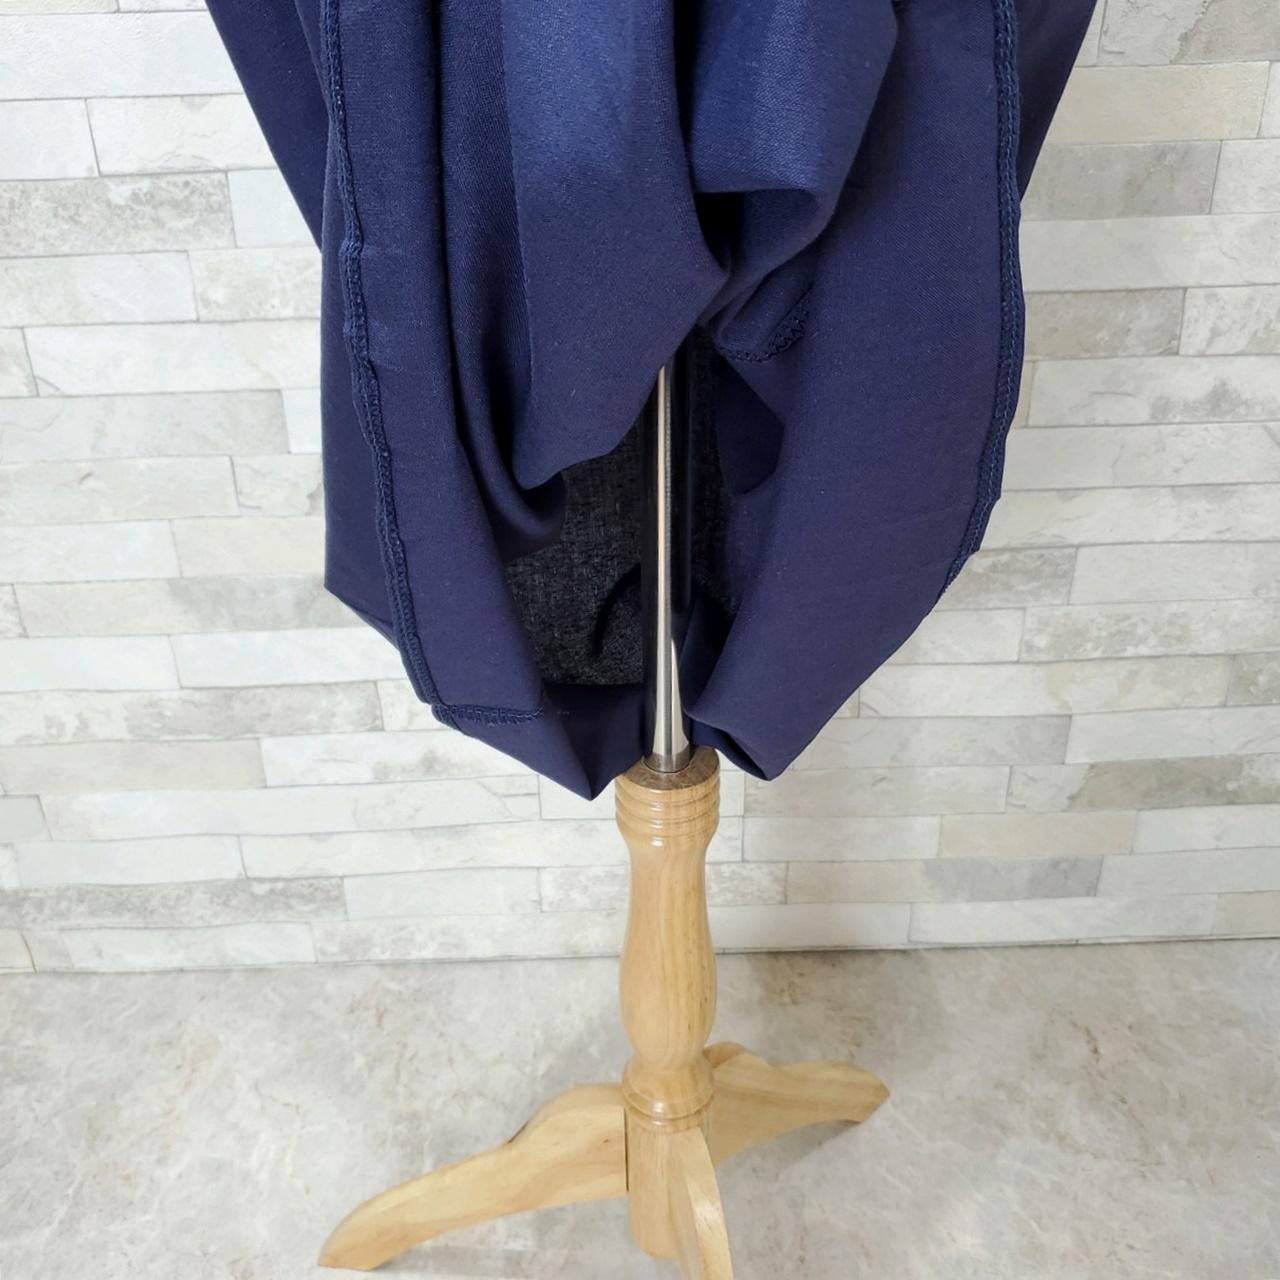 韓国 ファッション ワンピース 夏 春 カジュアル PTXI416  袖コンシャス ゆったり 体型カバー ラフ オルチャン シンプル 定番 セレカジの写真14枚目